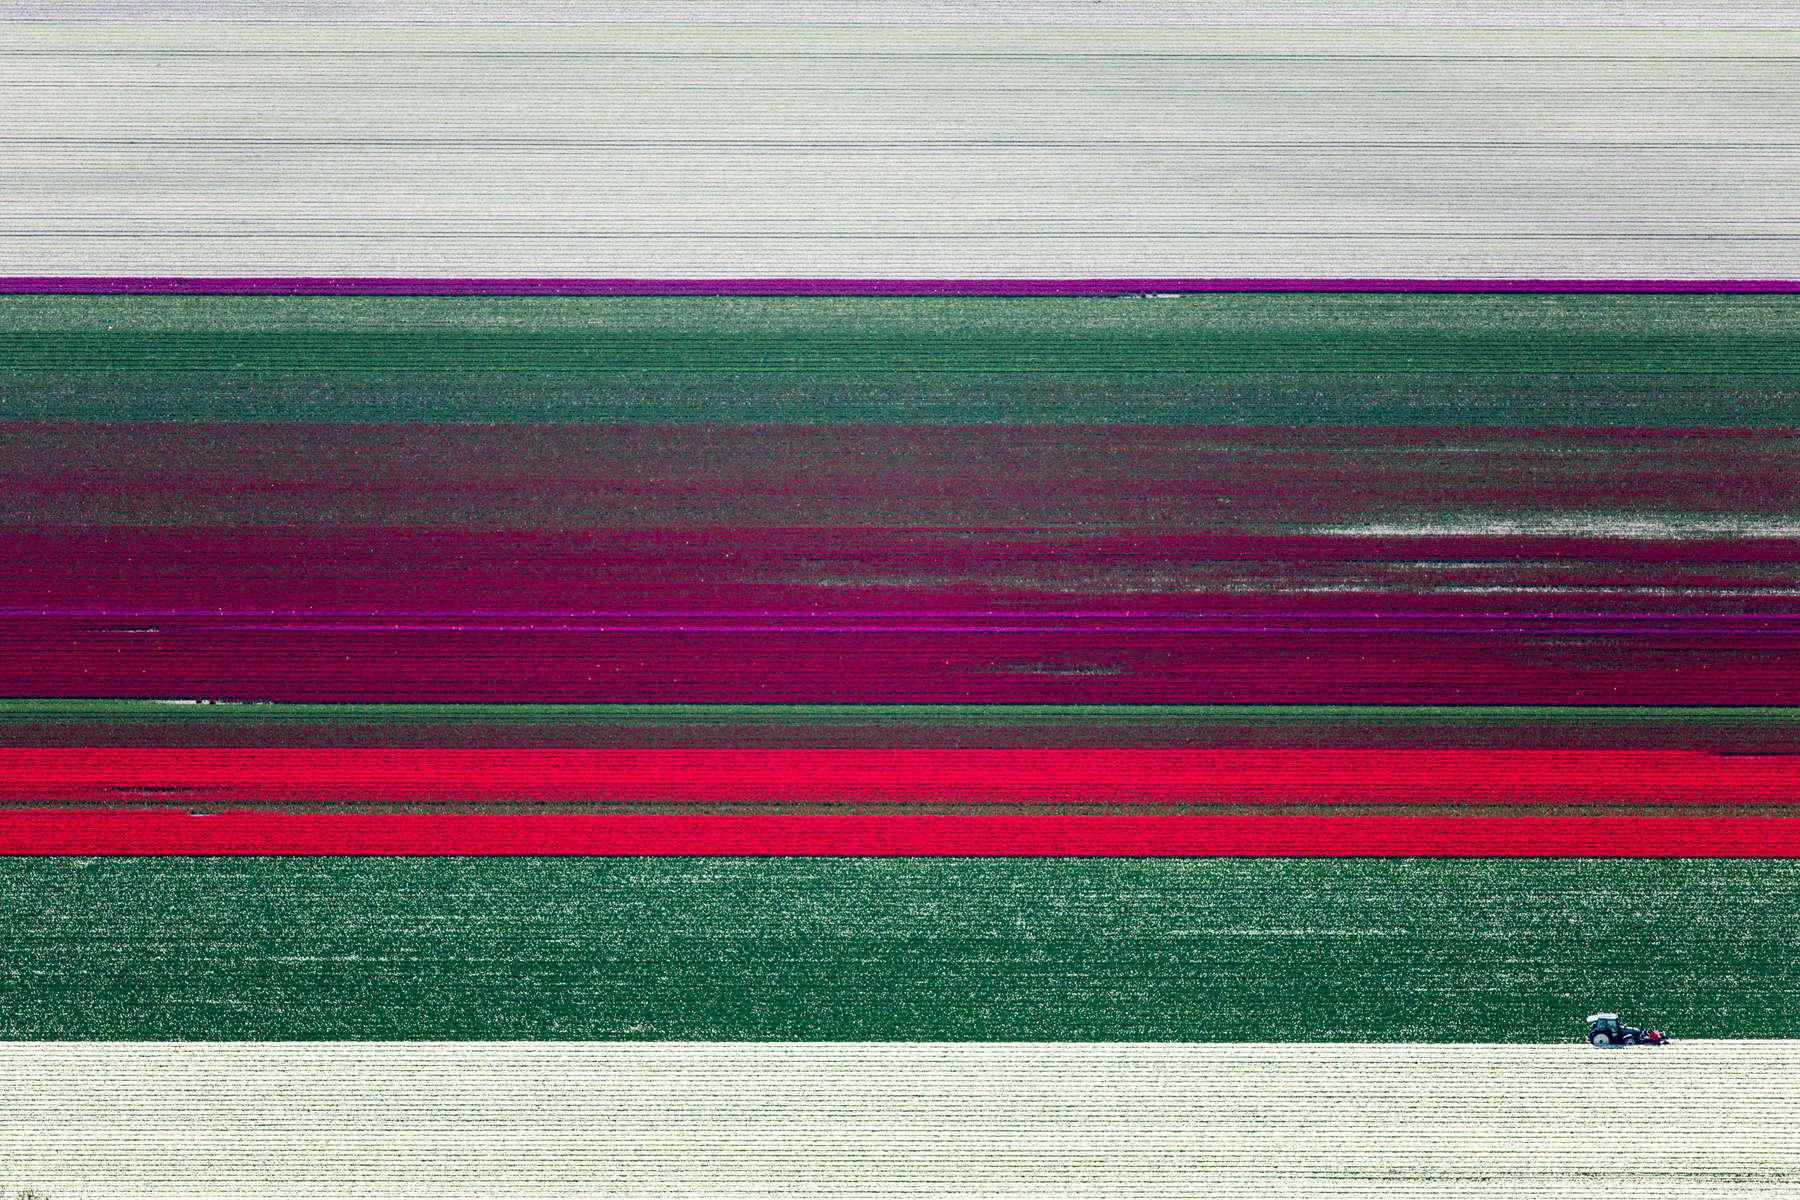 Tulip Topping, Rutten, Netherlands 2015 (150502-0232)